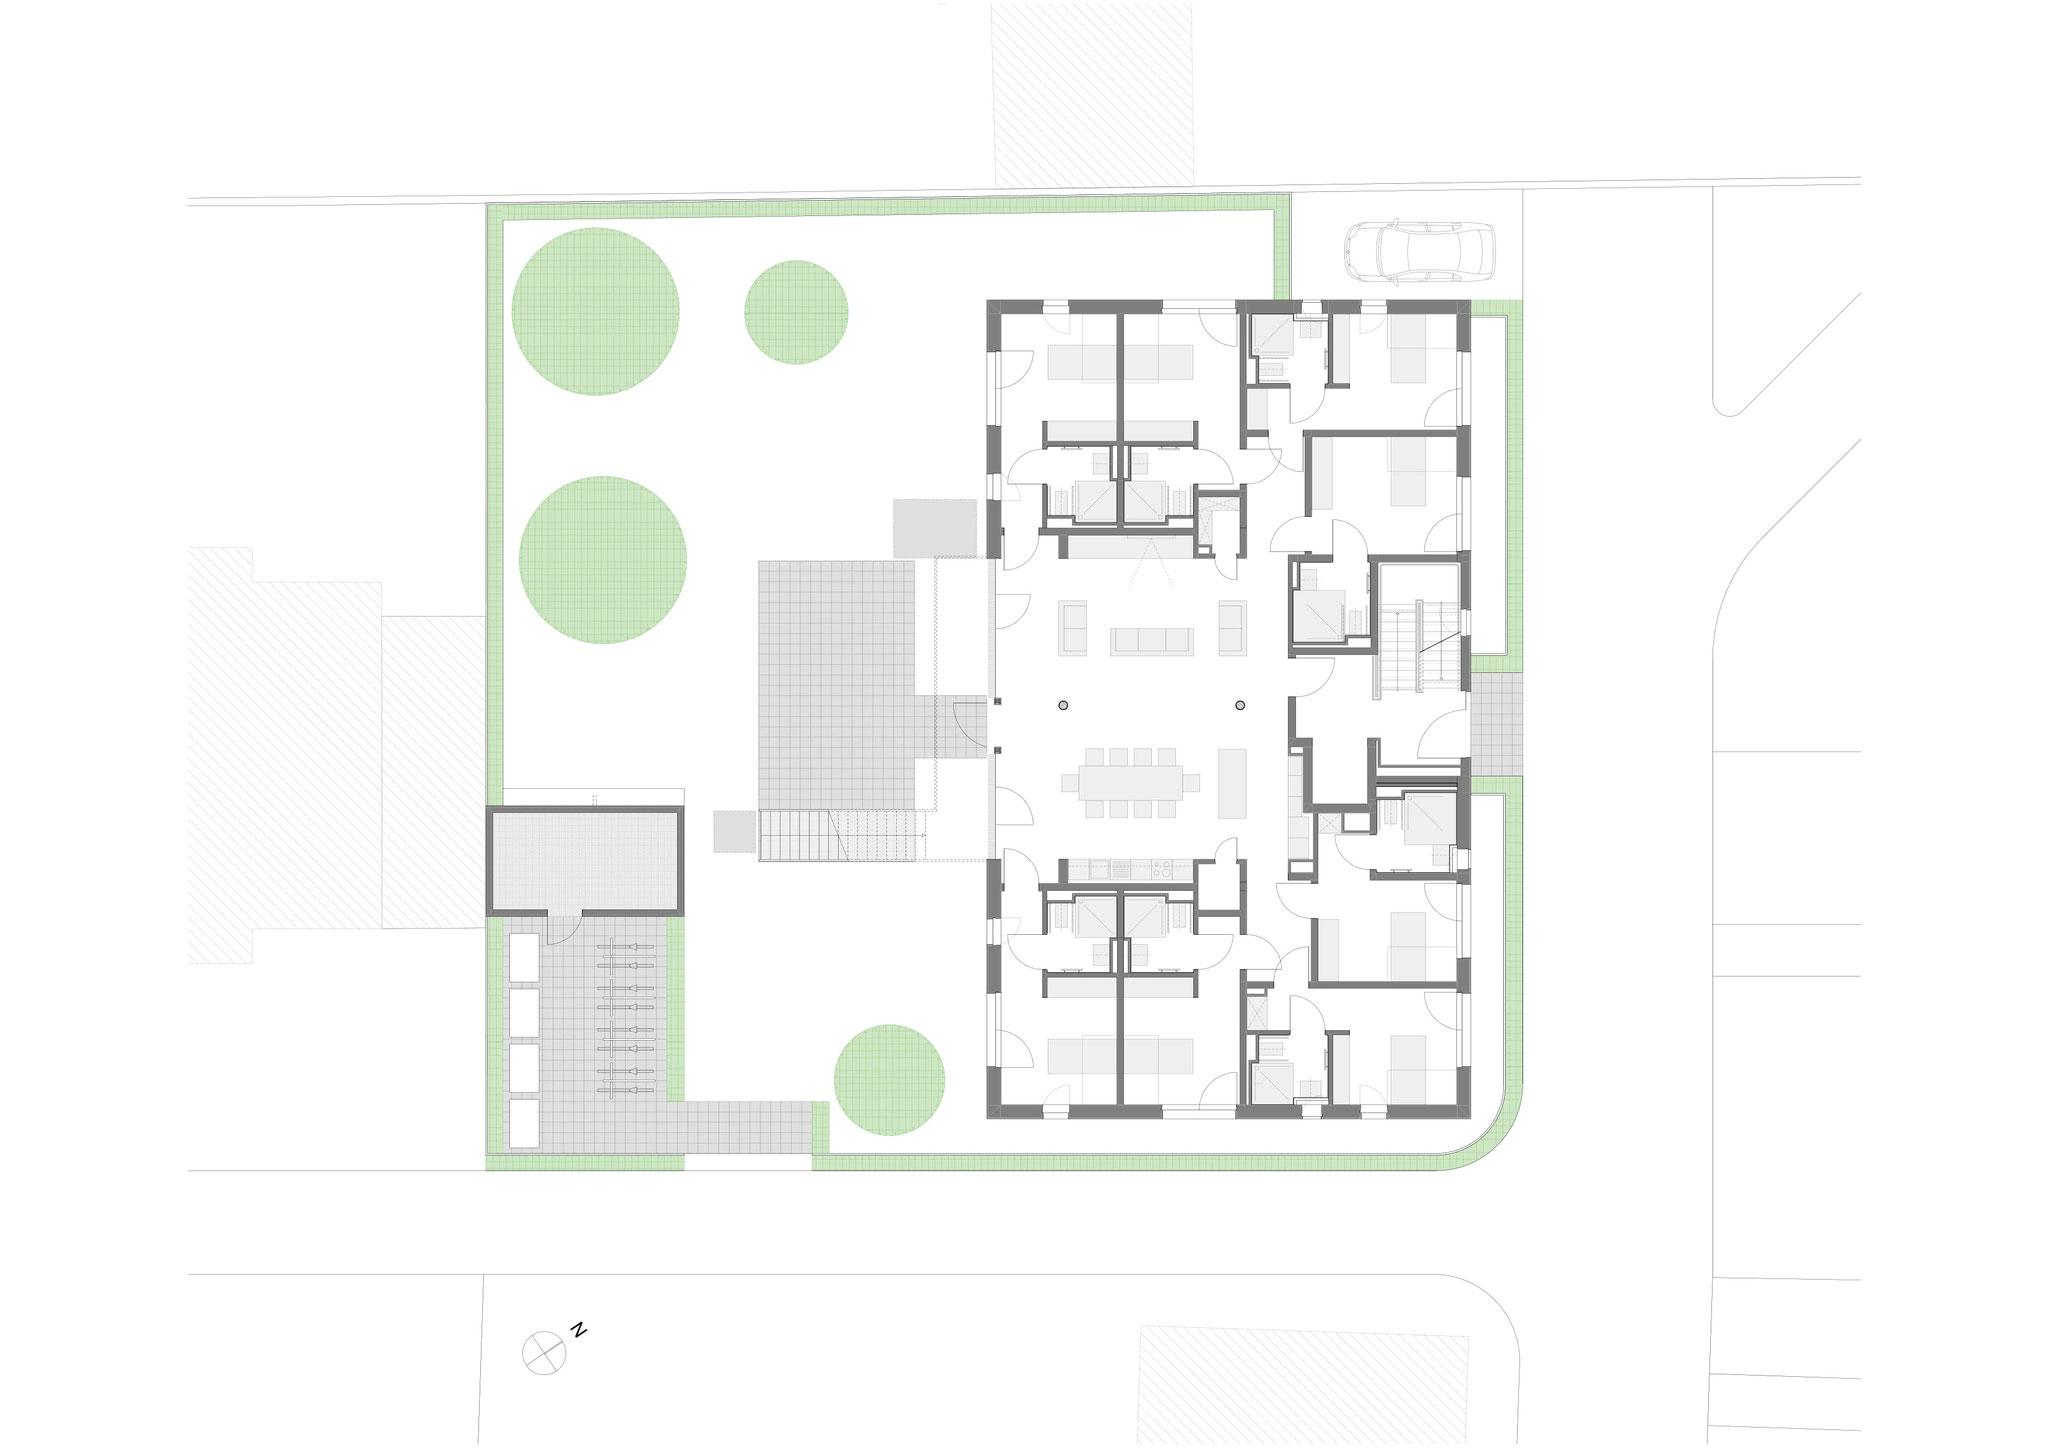 Erdgeschoss und Lageplan